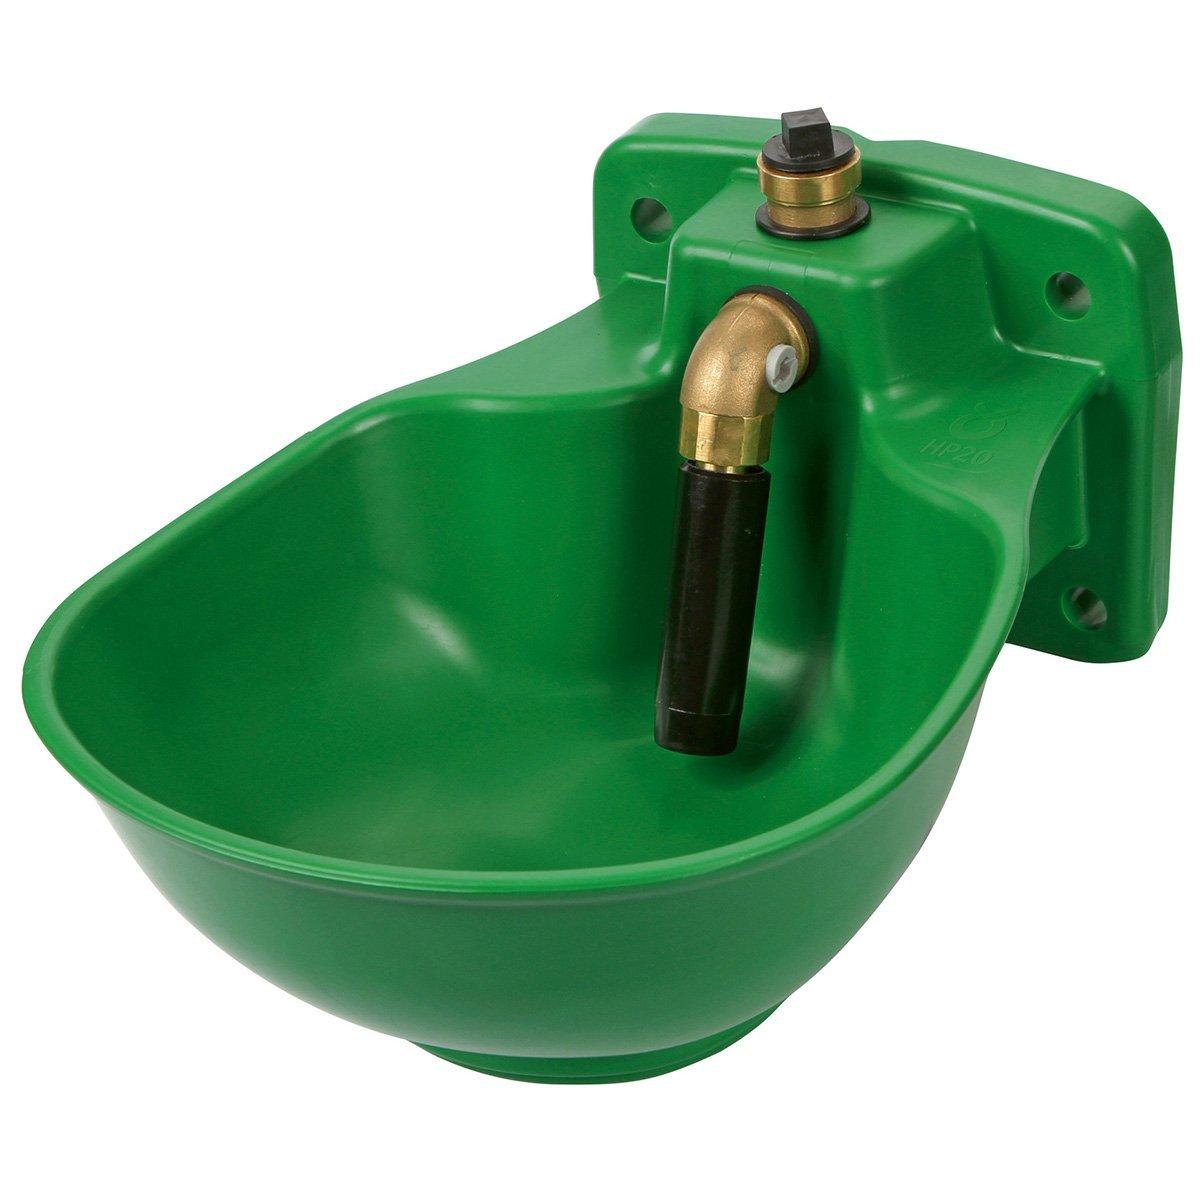 KERBL heizbares plastique-abreuvoir avec robinet et 24 v micro